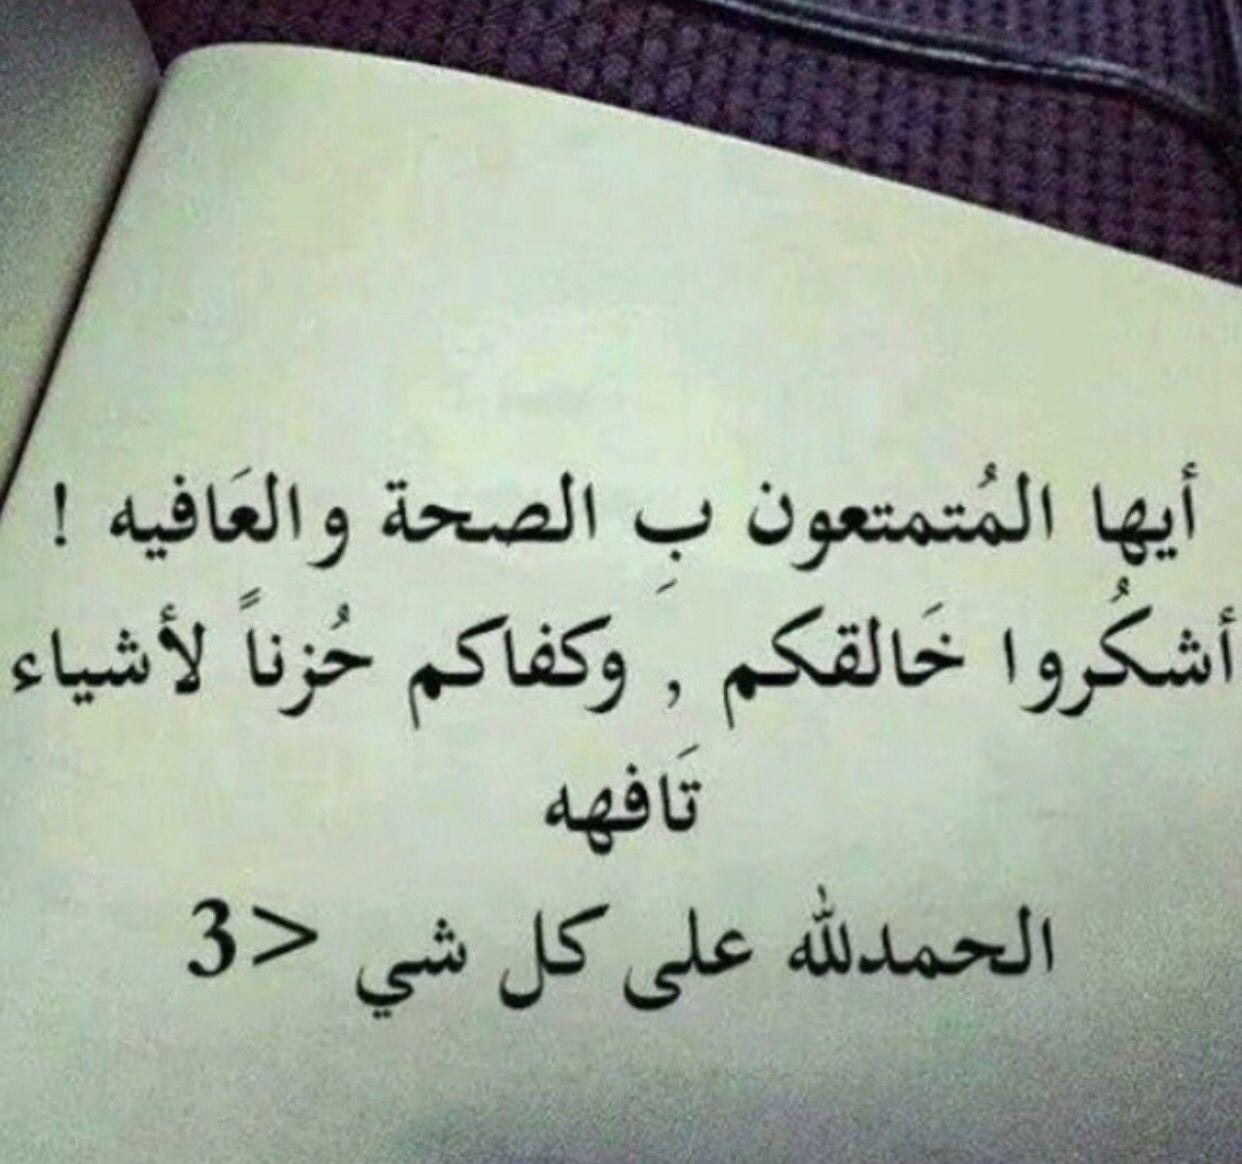 Desertrose الحمدلله على كل شيء Arabic Words Words Quotes